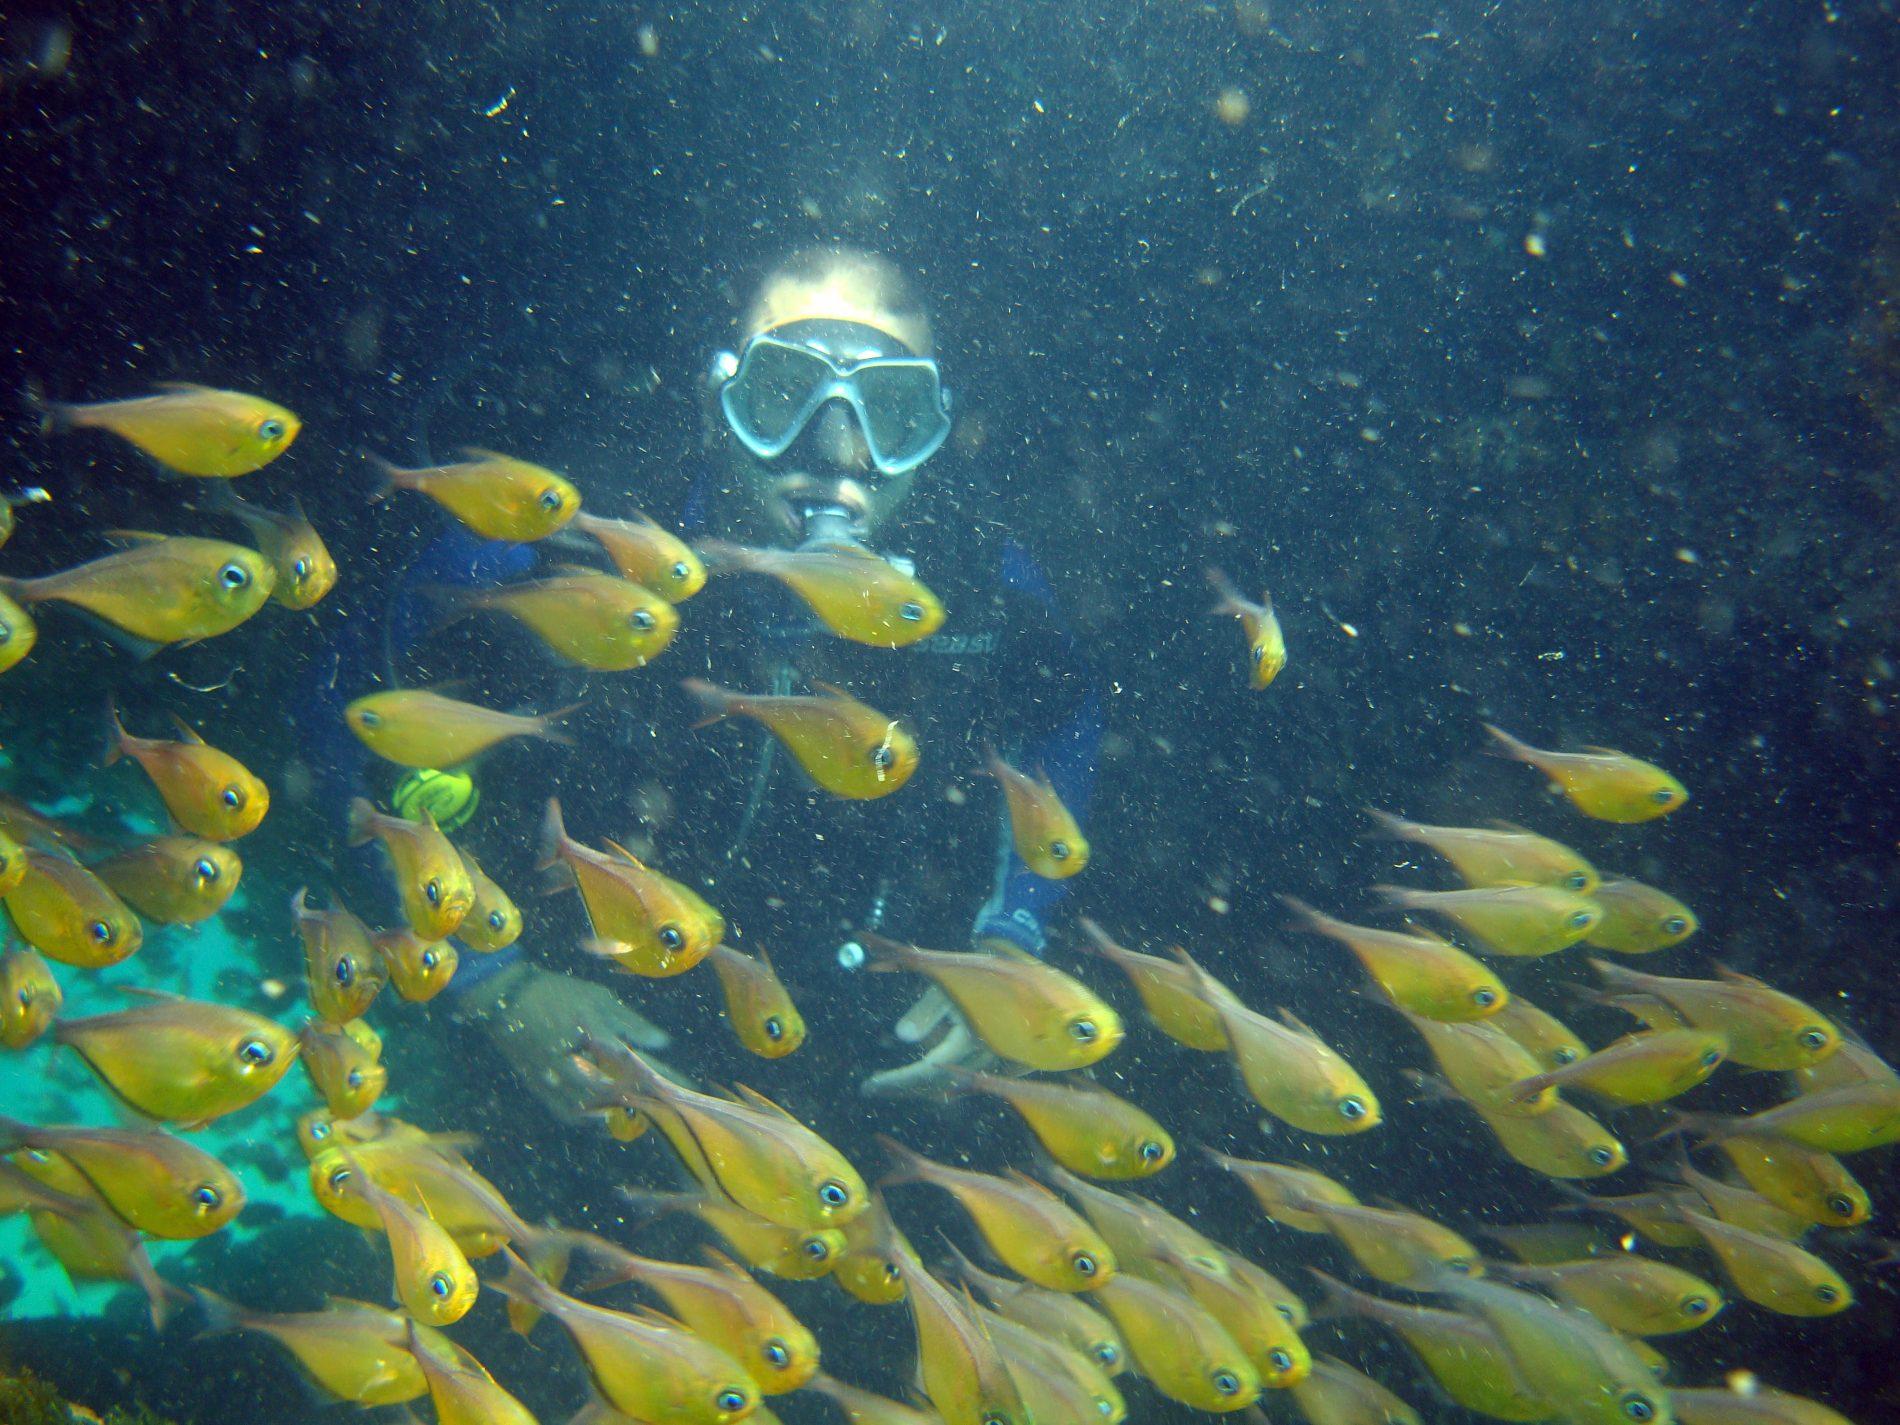 Mergulhador observa Cardume no fundo da Baía de Todos os Santos: população de peixes vai aumentar